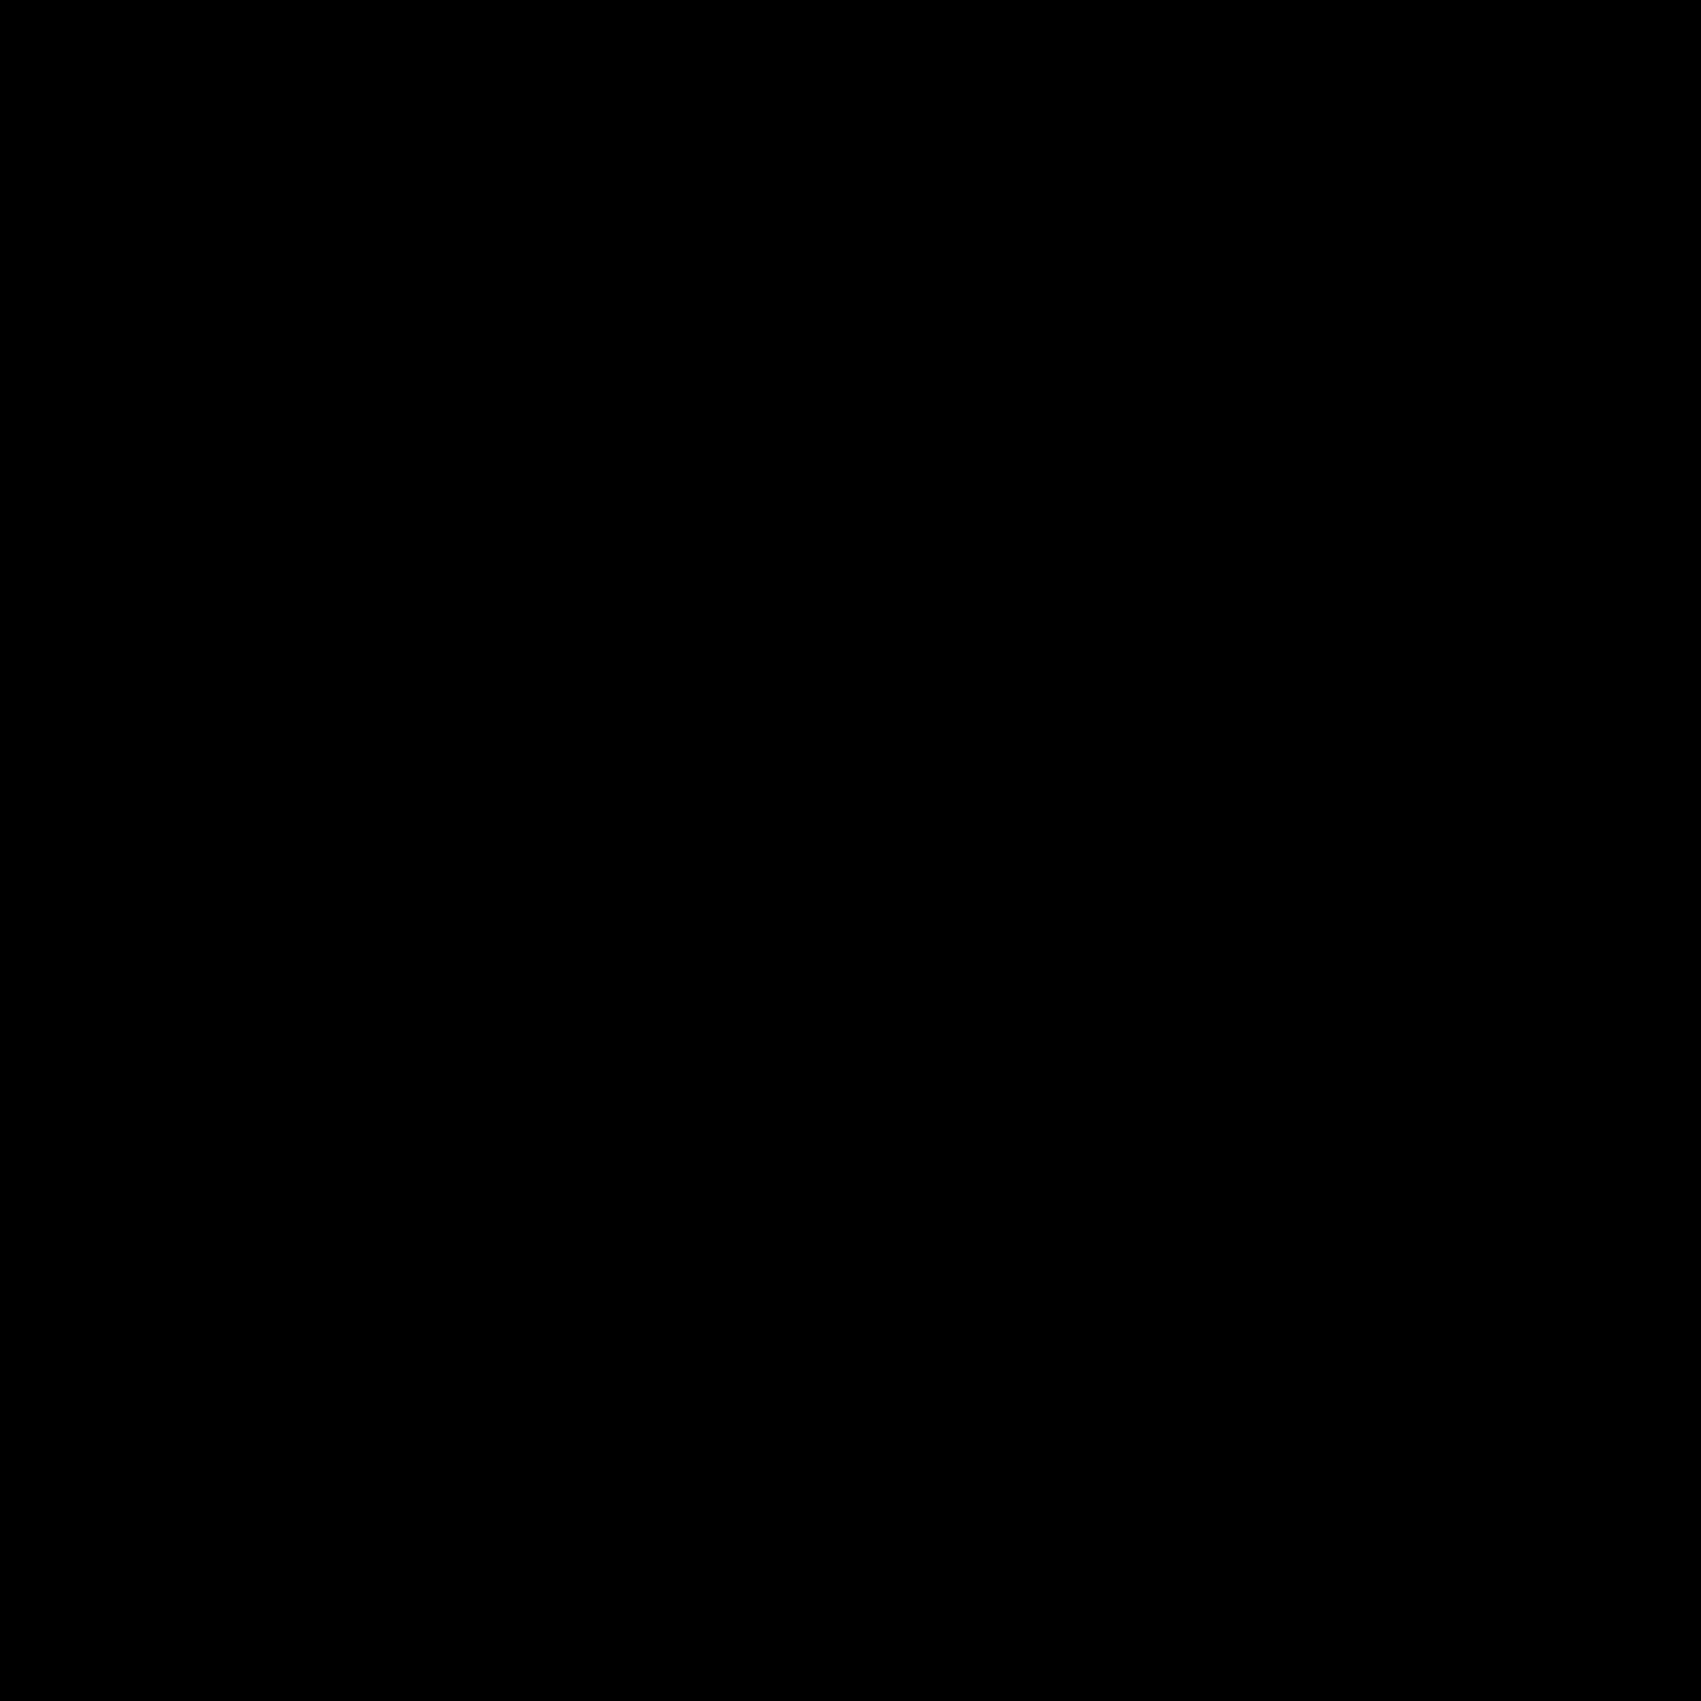 Miroir Baroque Recherche Google Projet Logo Marque Ambiance